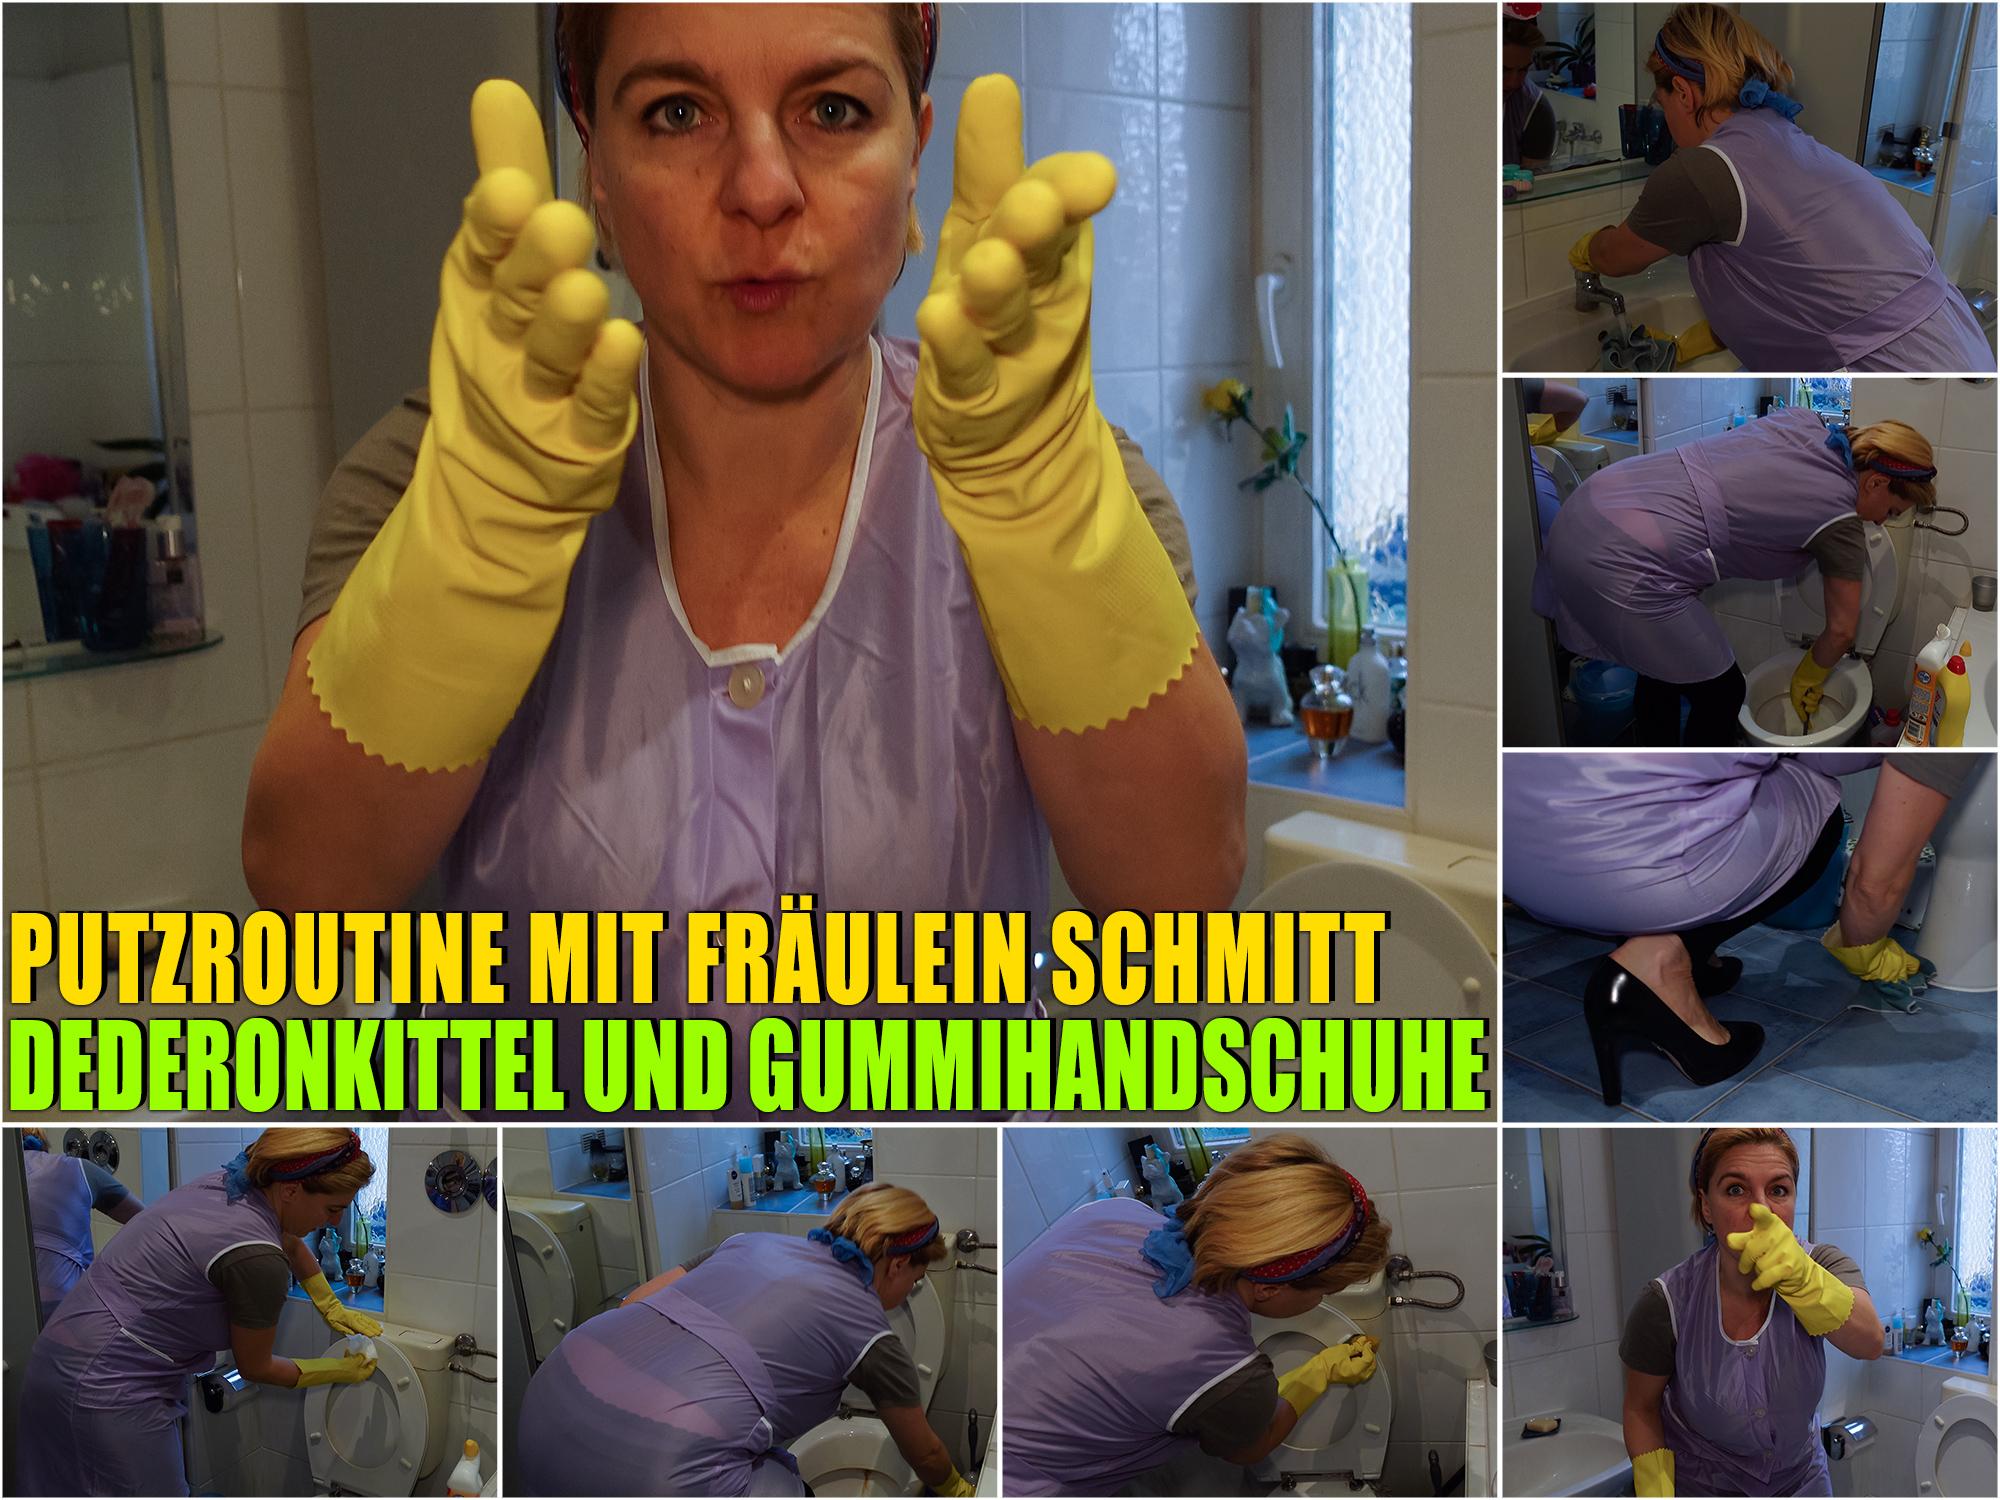 01016 - Putzroutine mit Fräulein Schmitt im Dederonkittel und Gummihandschuhen